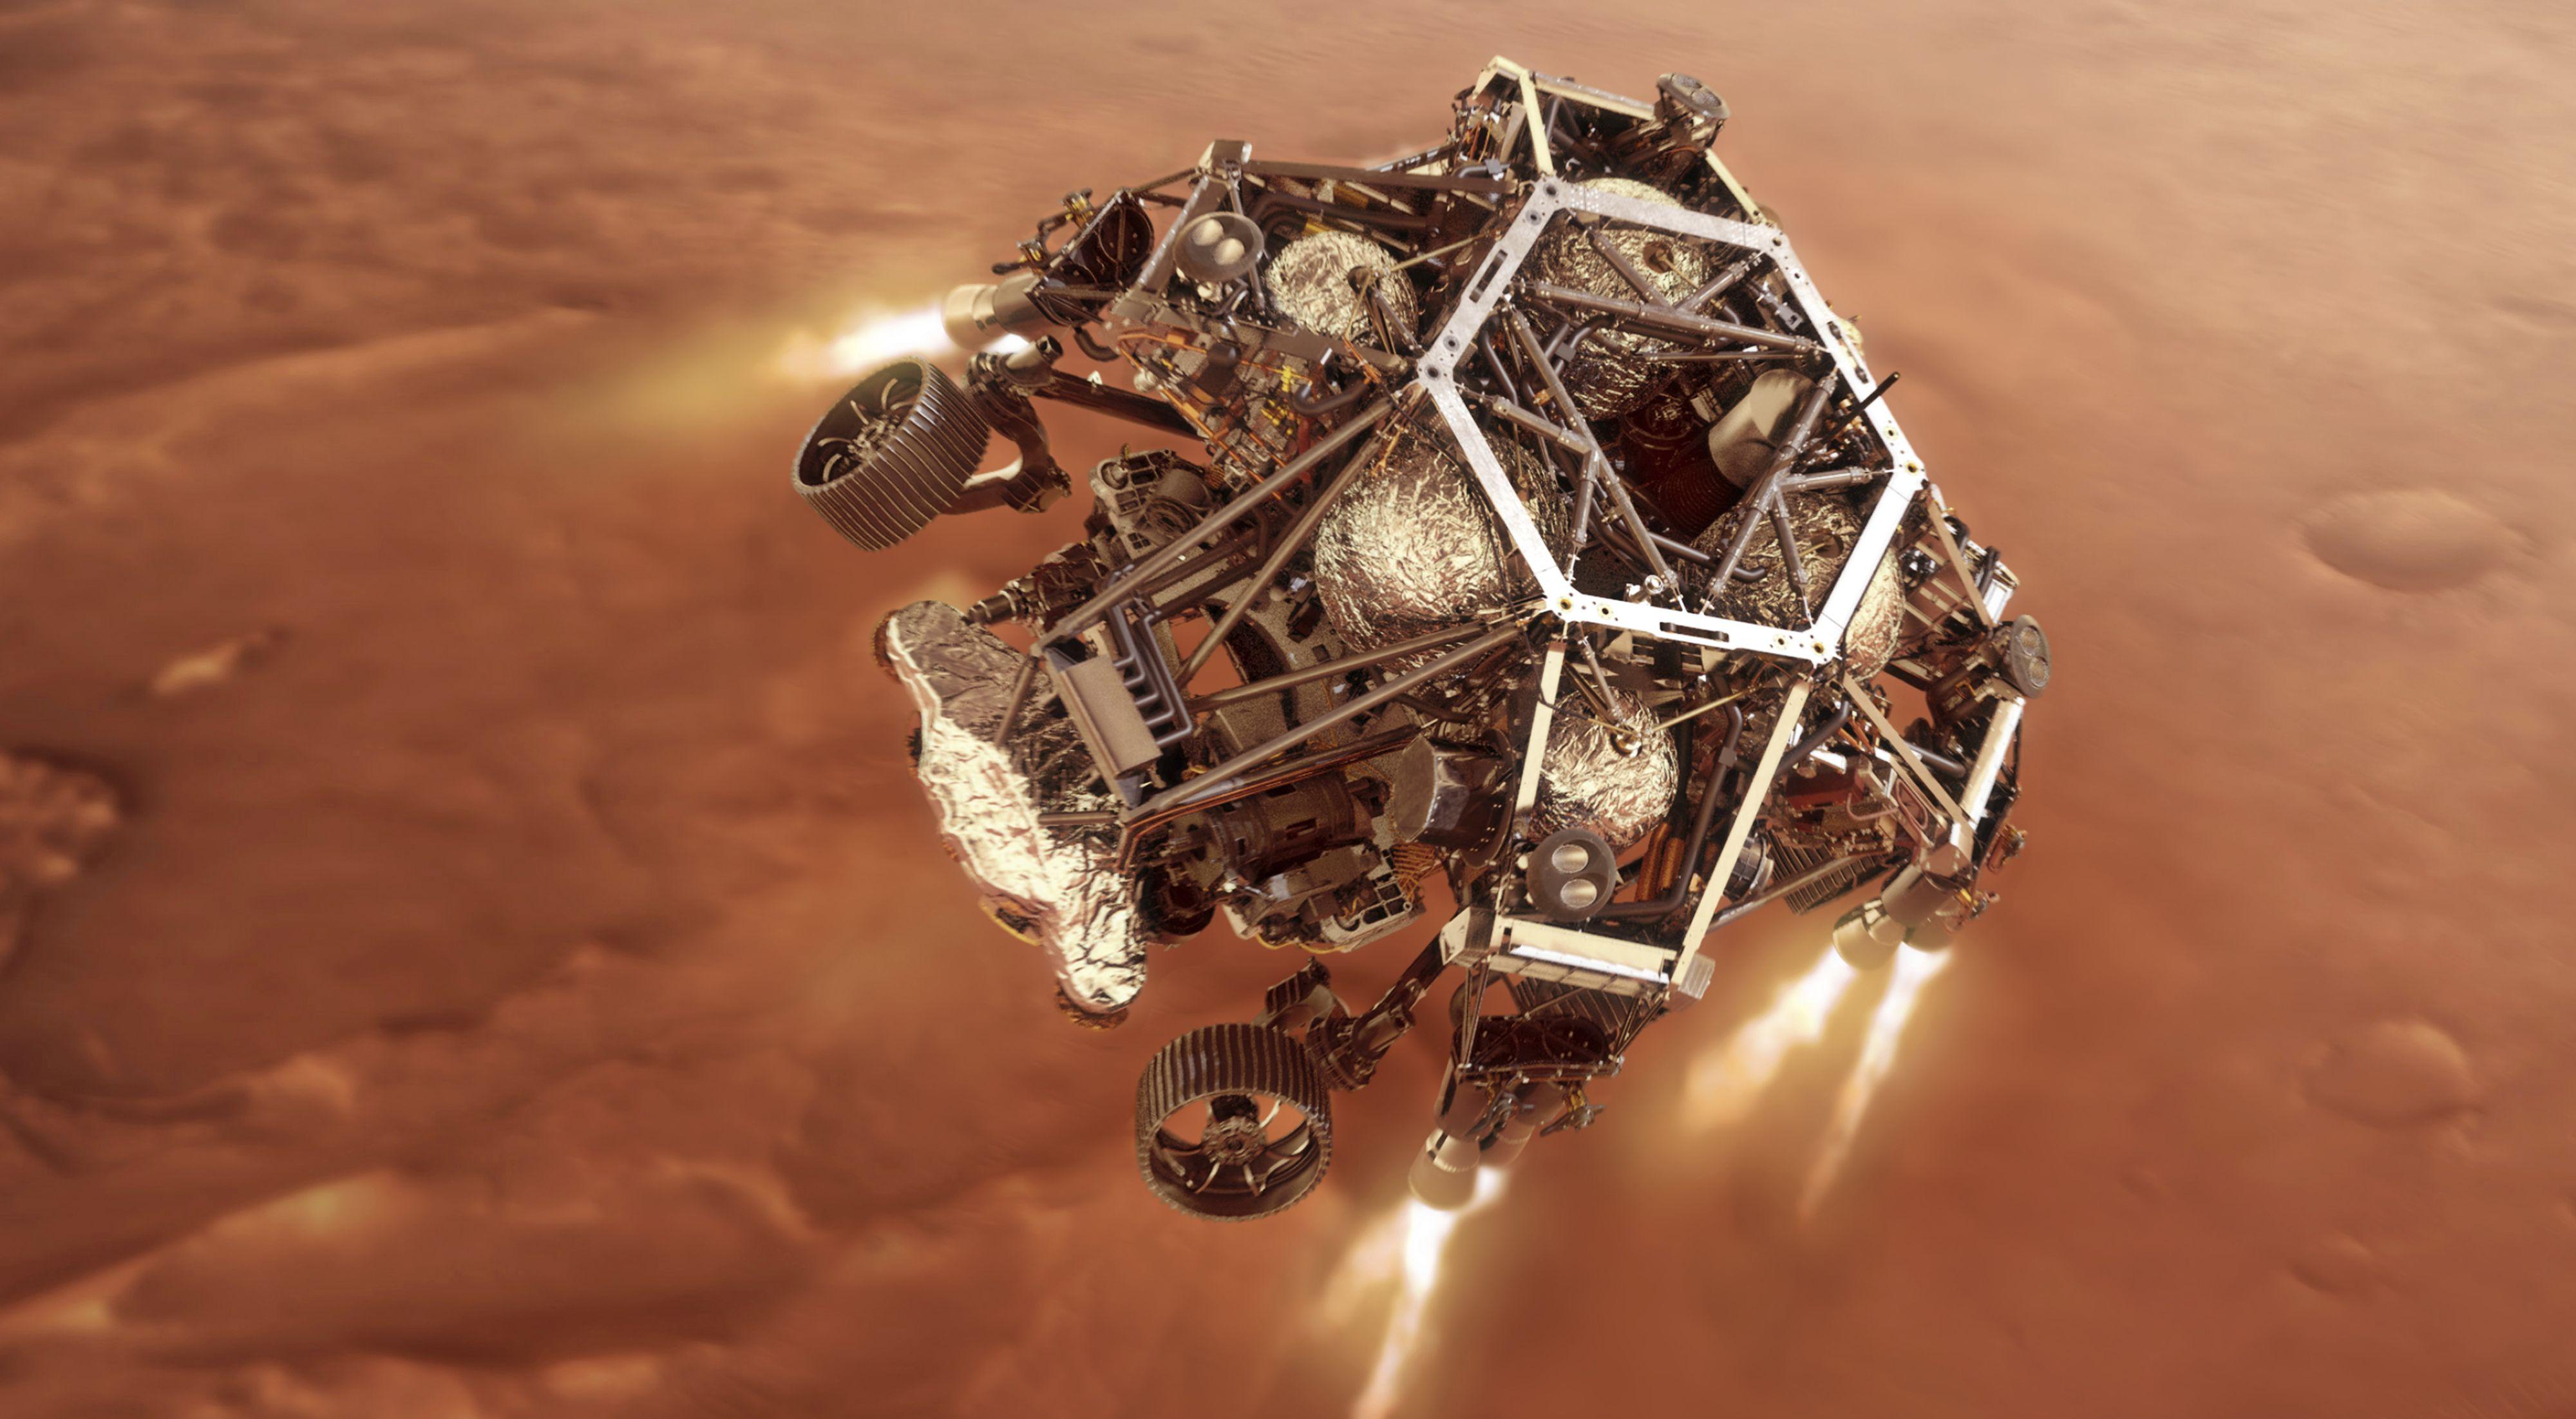 En digital illustrasjon fra Nasa viser hvordan Perseverance-landingsfartøyet antenner motorene idet den nærmer seg Mars' overflate. Først ti minutter etter den planlagte landingen, får vi vite om nedstigningsfasen var vellykket.